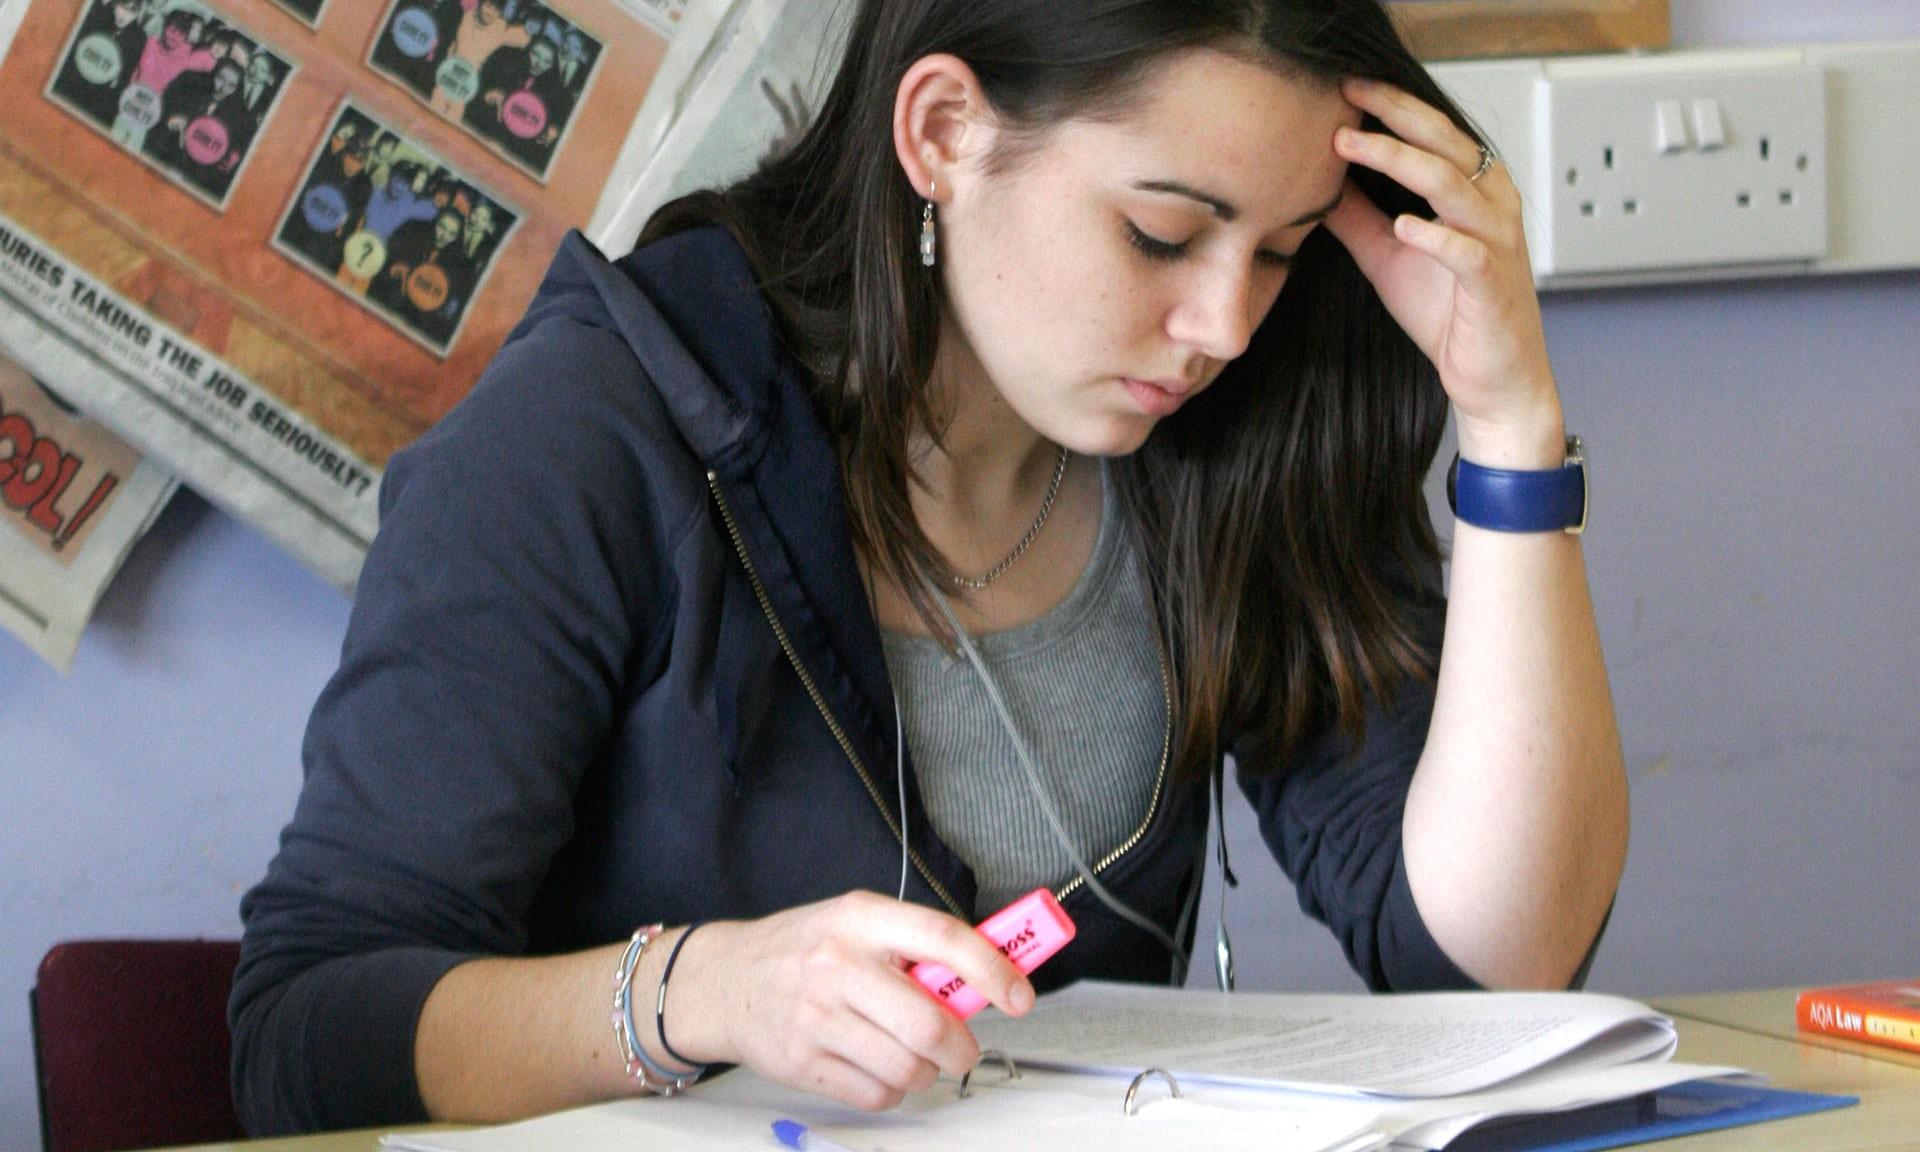 美国考试季来临 中领馆提醒留学生注意身体健康